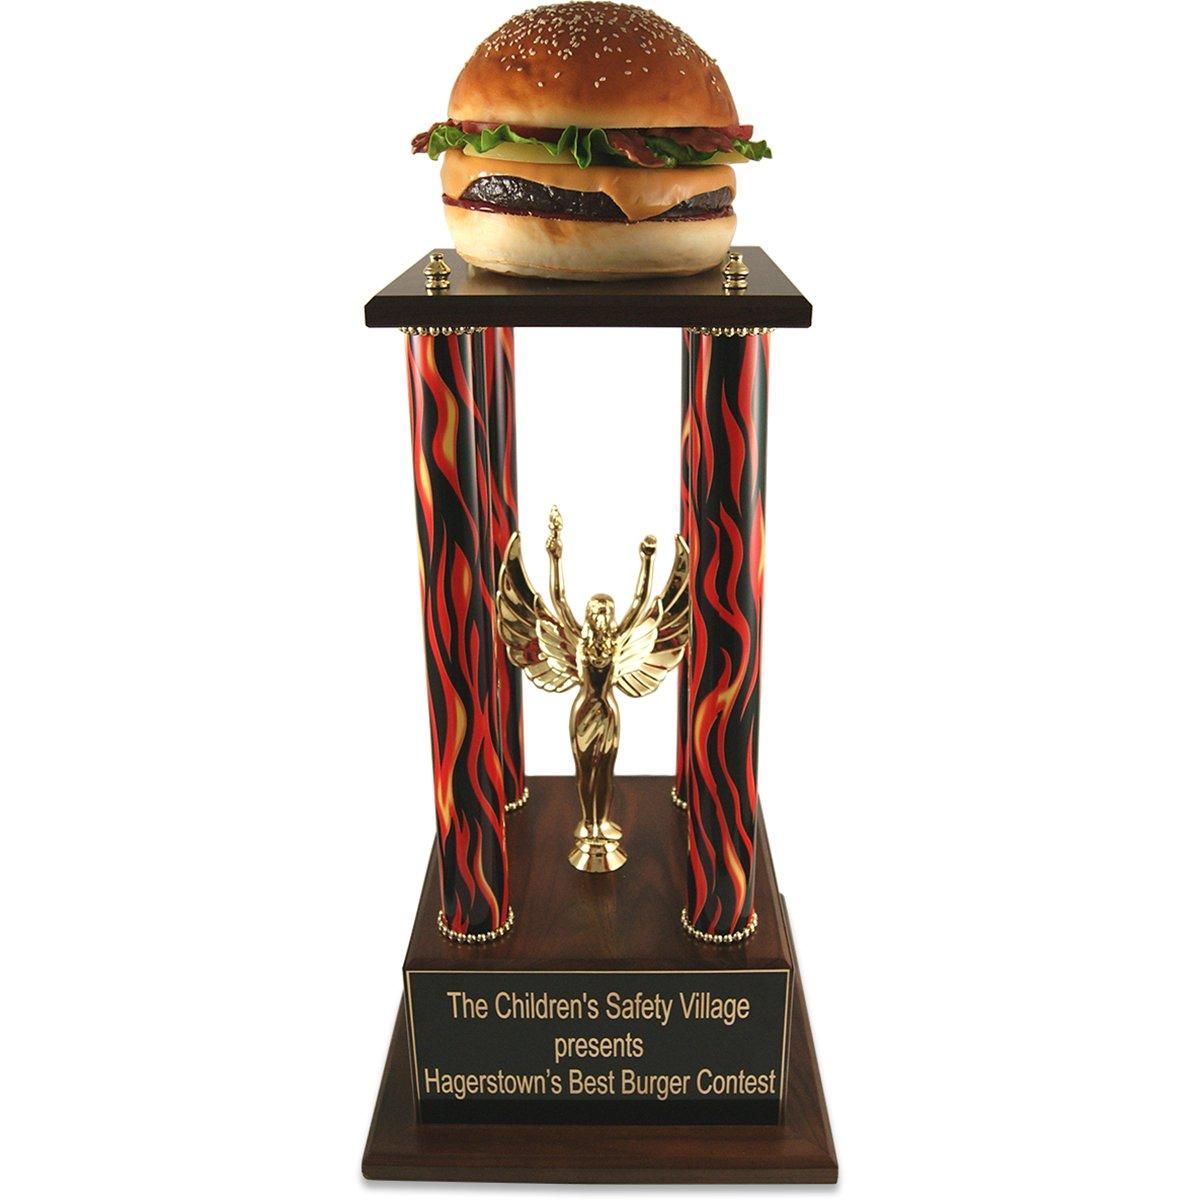 ジャンボバーガーTrophy – CookオフTrophy、Food Eating Contest、ベストBurger、Culinary賞、ハンバーガーTrophy by Far Out Awards B07BX2YDFK